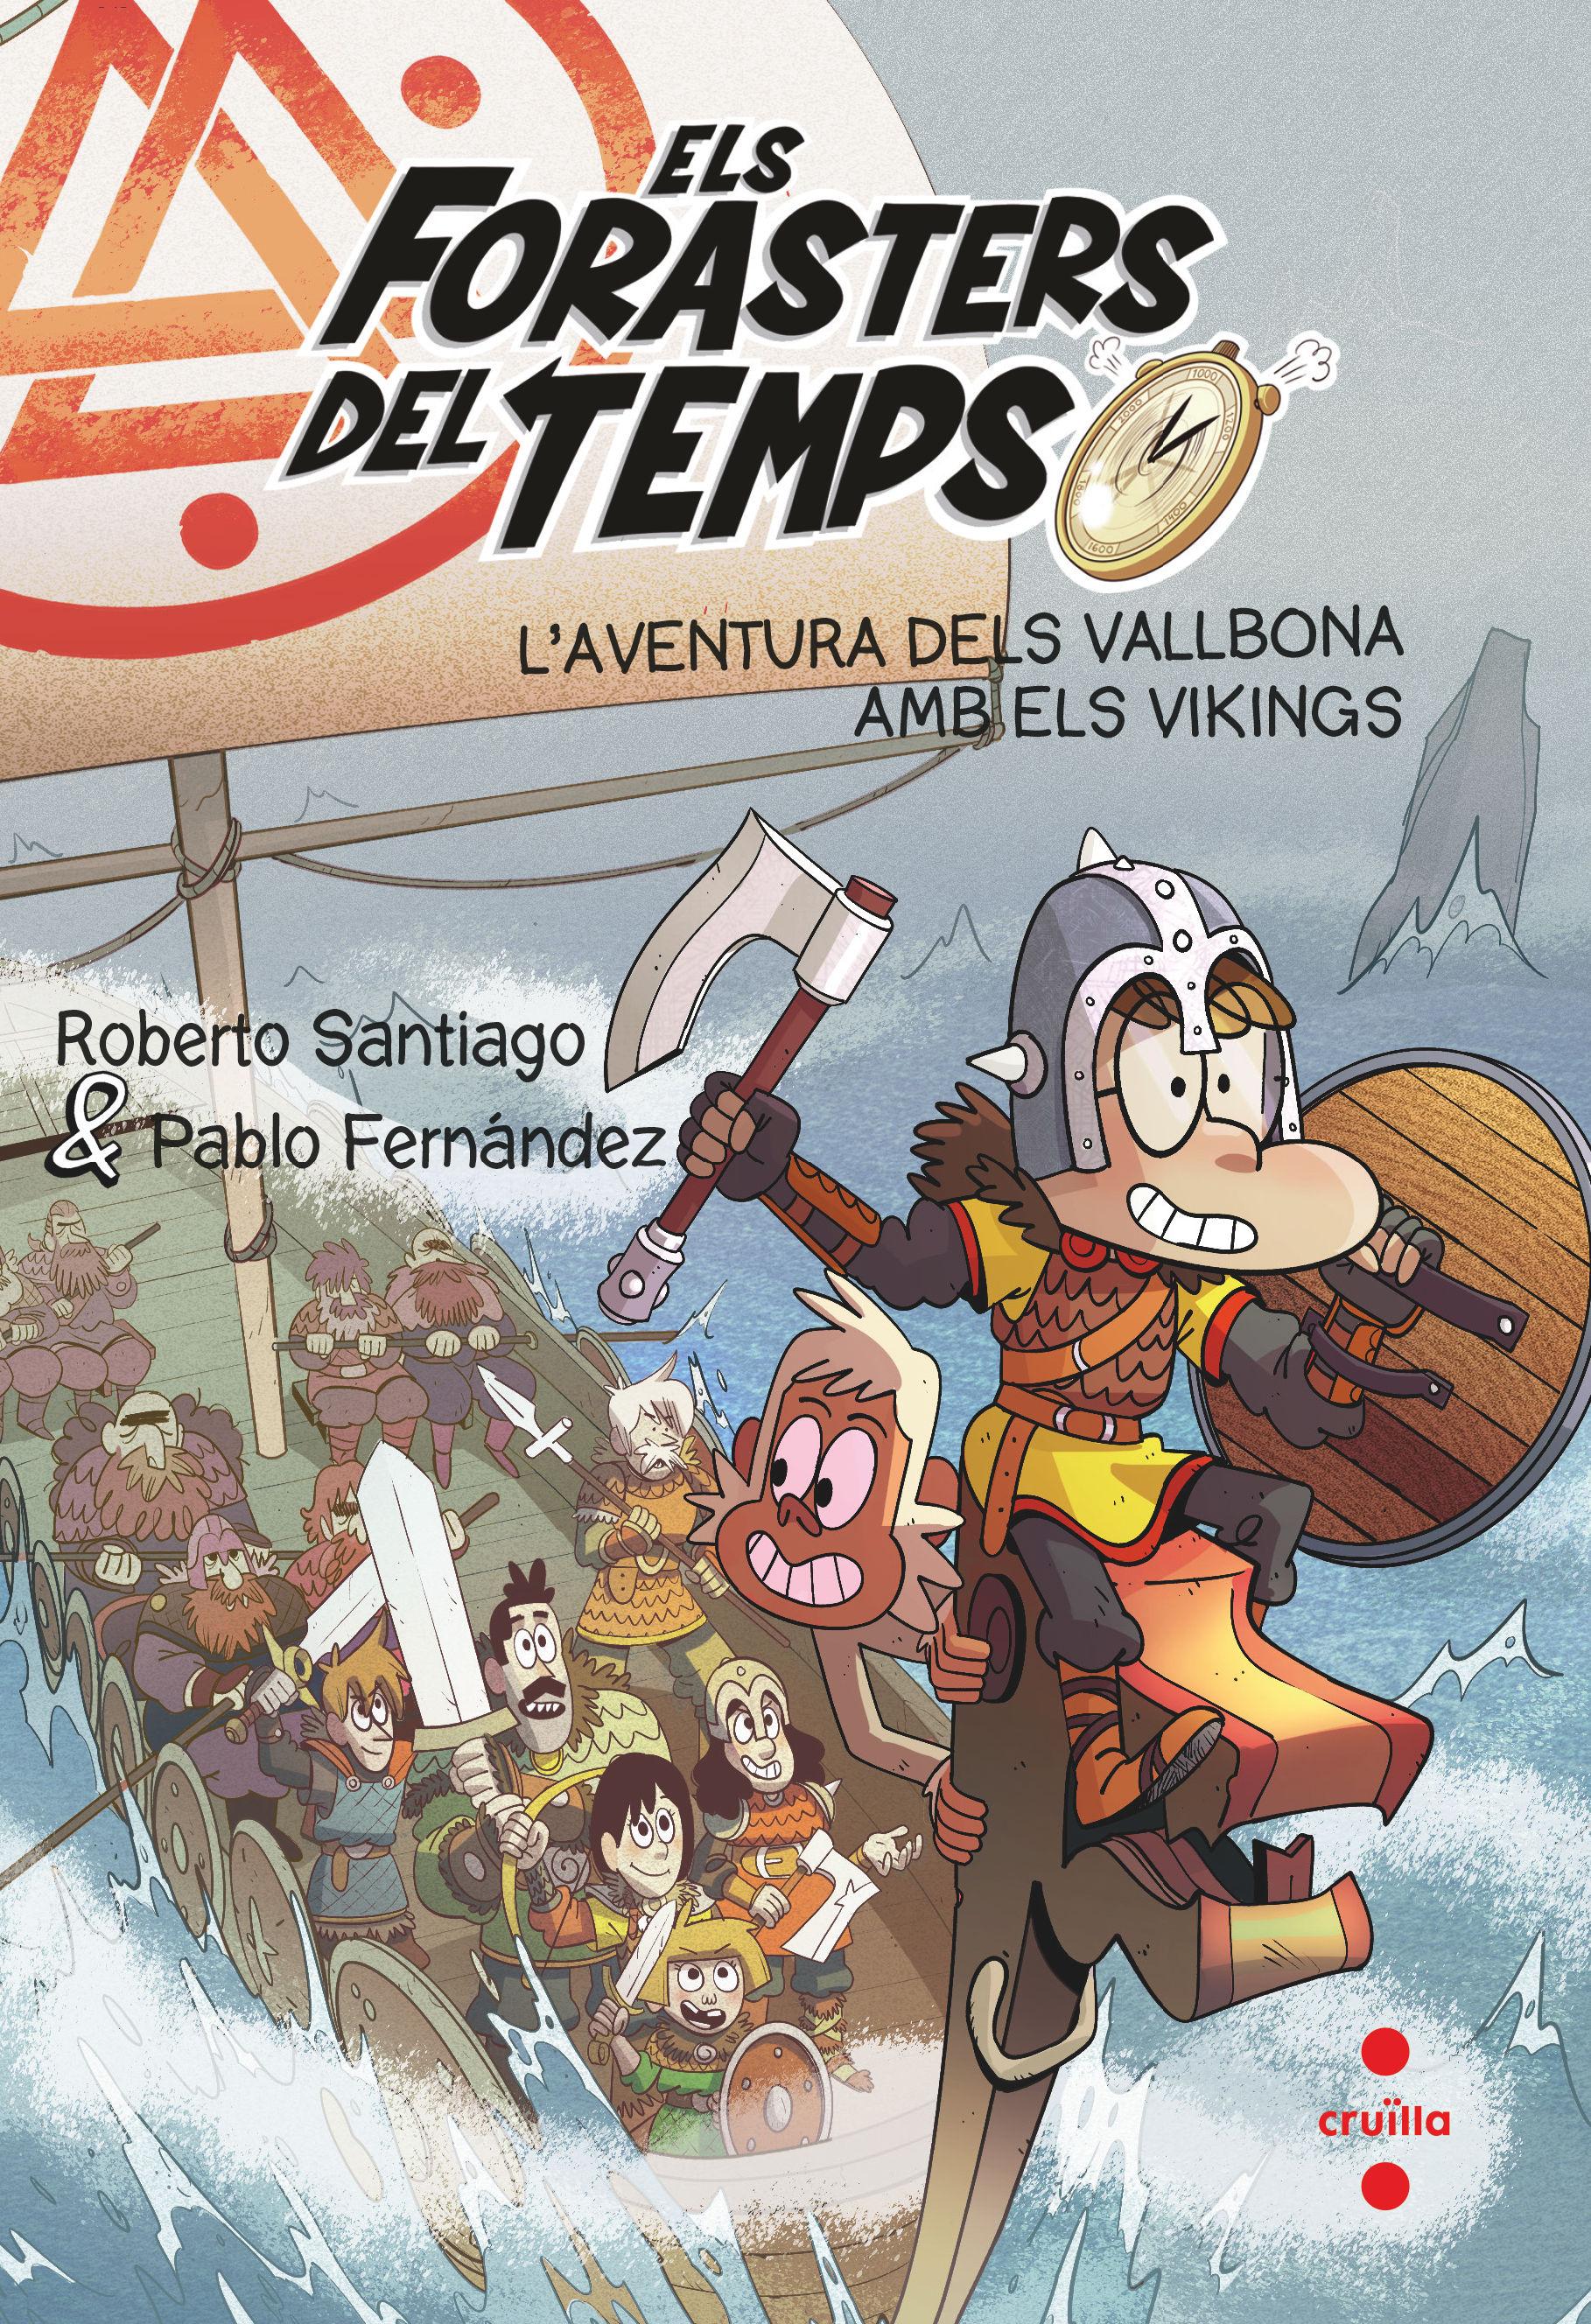 FORASTERS DEL TEMPS 11 AVENTURA DELS VALLBONA AMB ELS VIKINGS